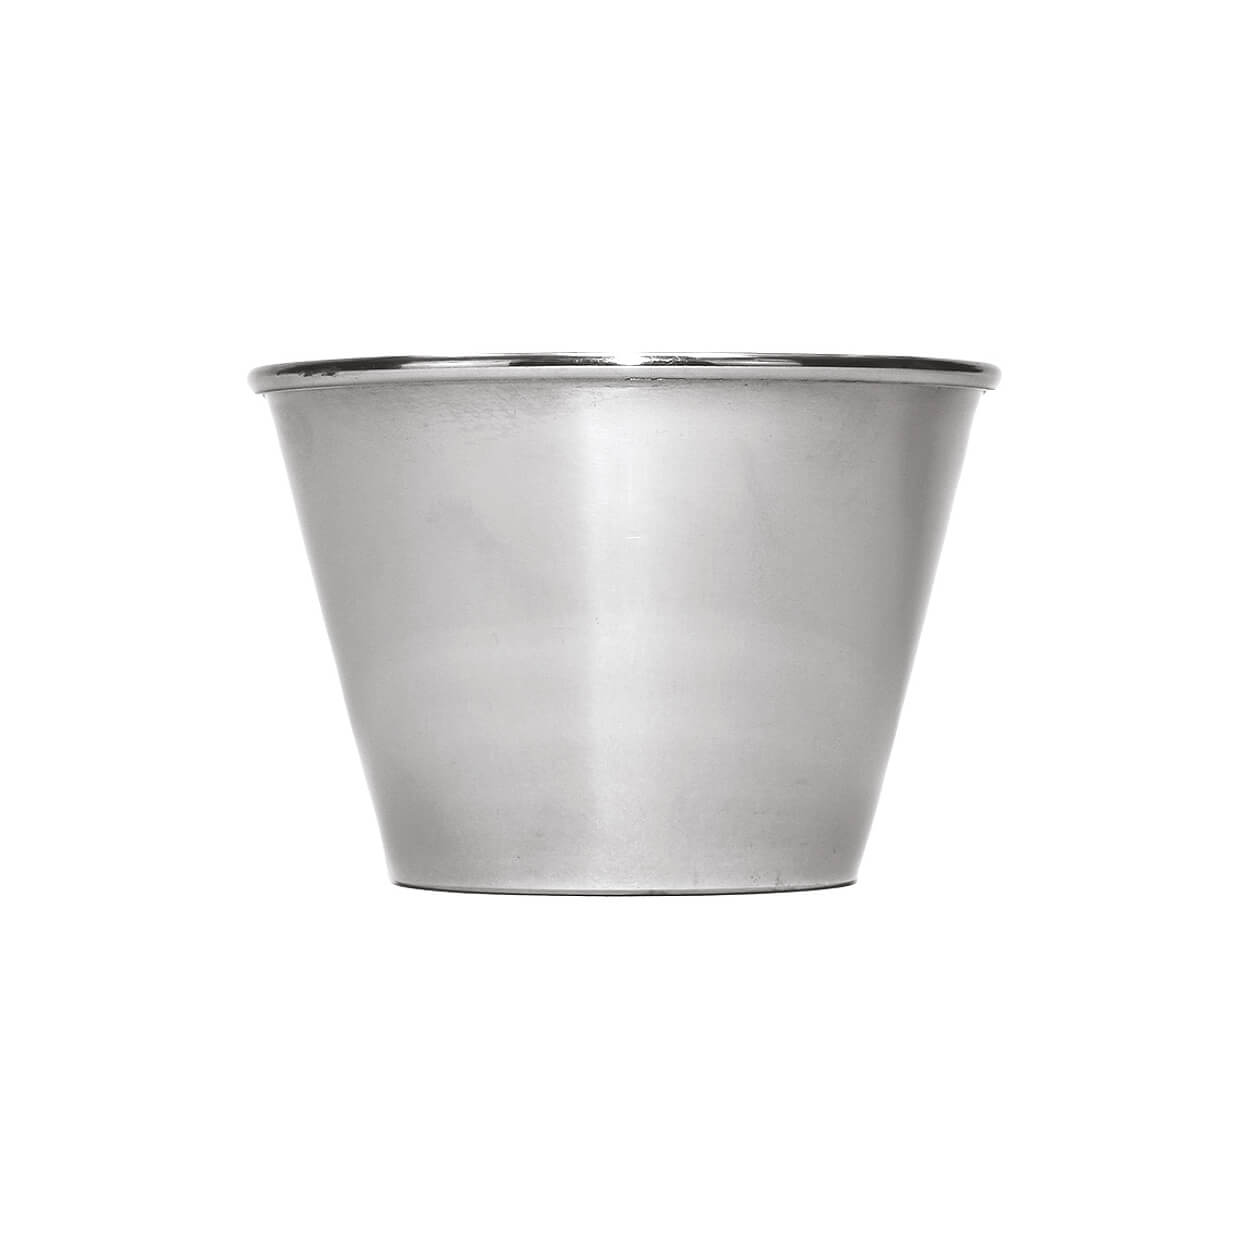 ΜΠΟΛ ΚΩΝΙΚΟ INOX 7,5×5εκ